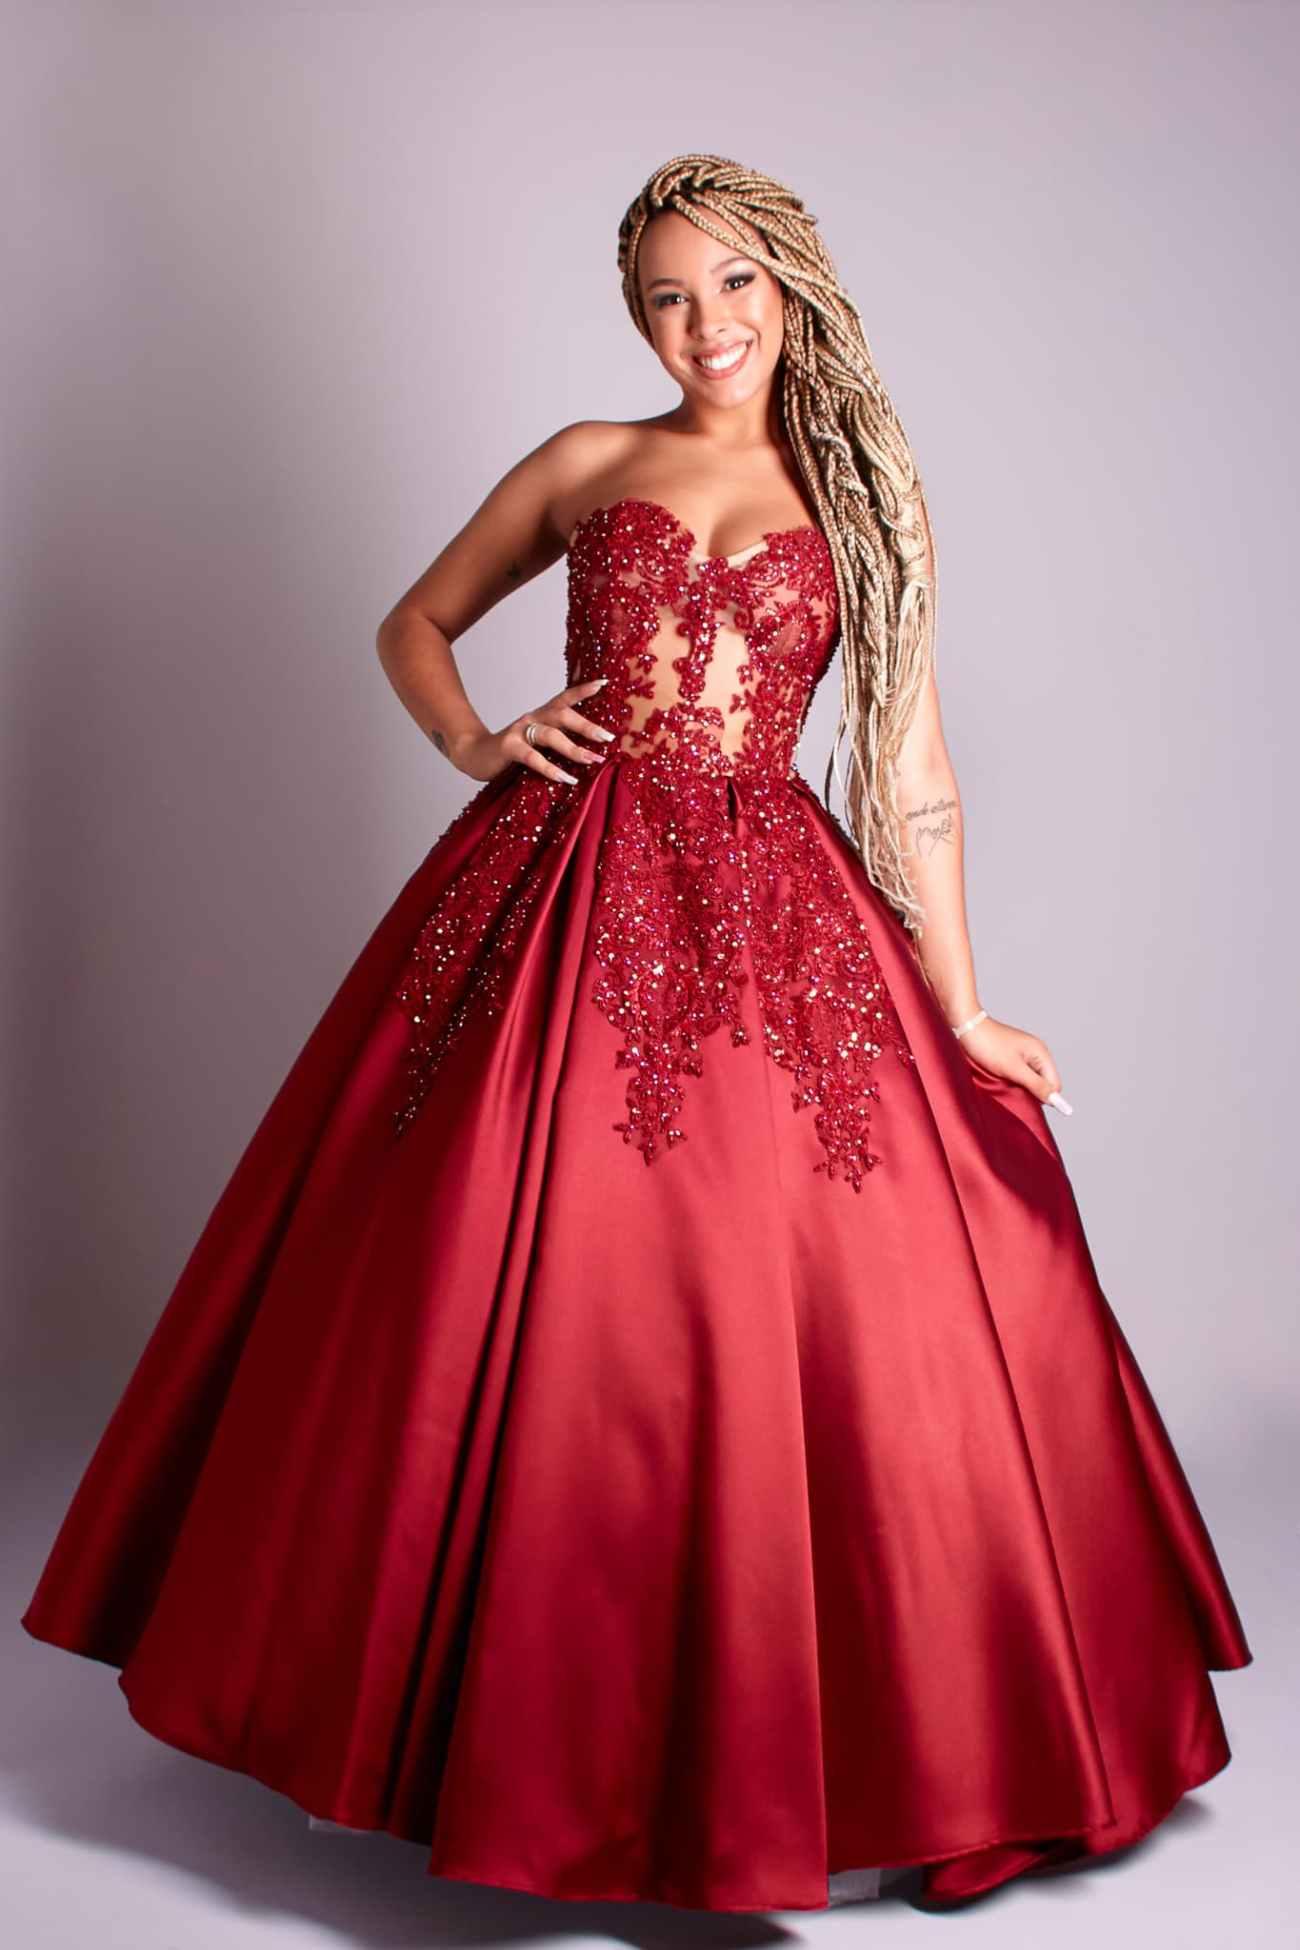 98 - Vestido de valsa marsala de renda com cristais